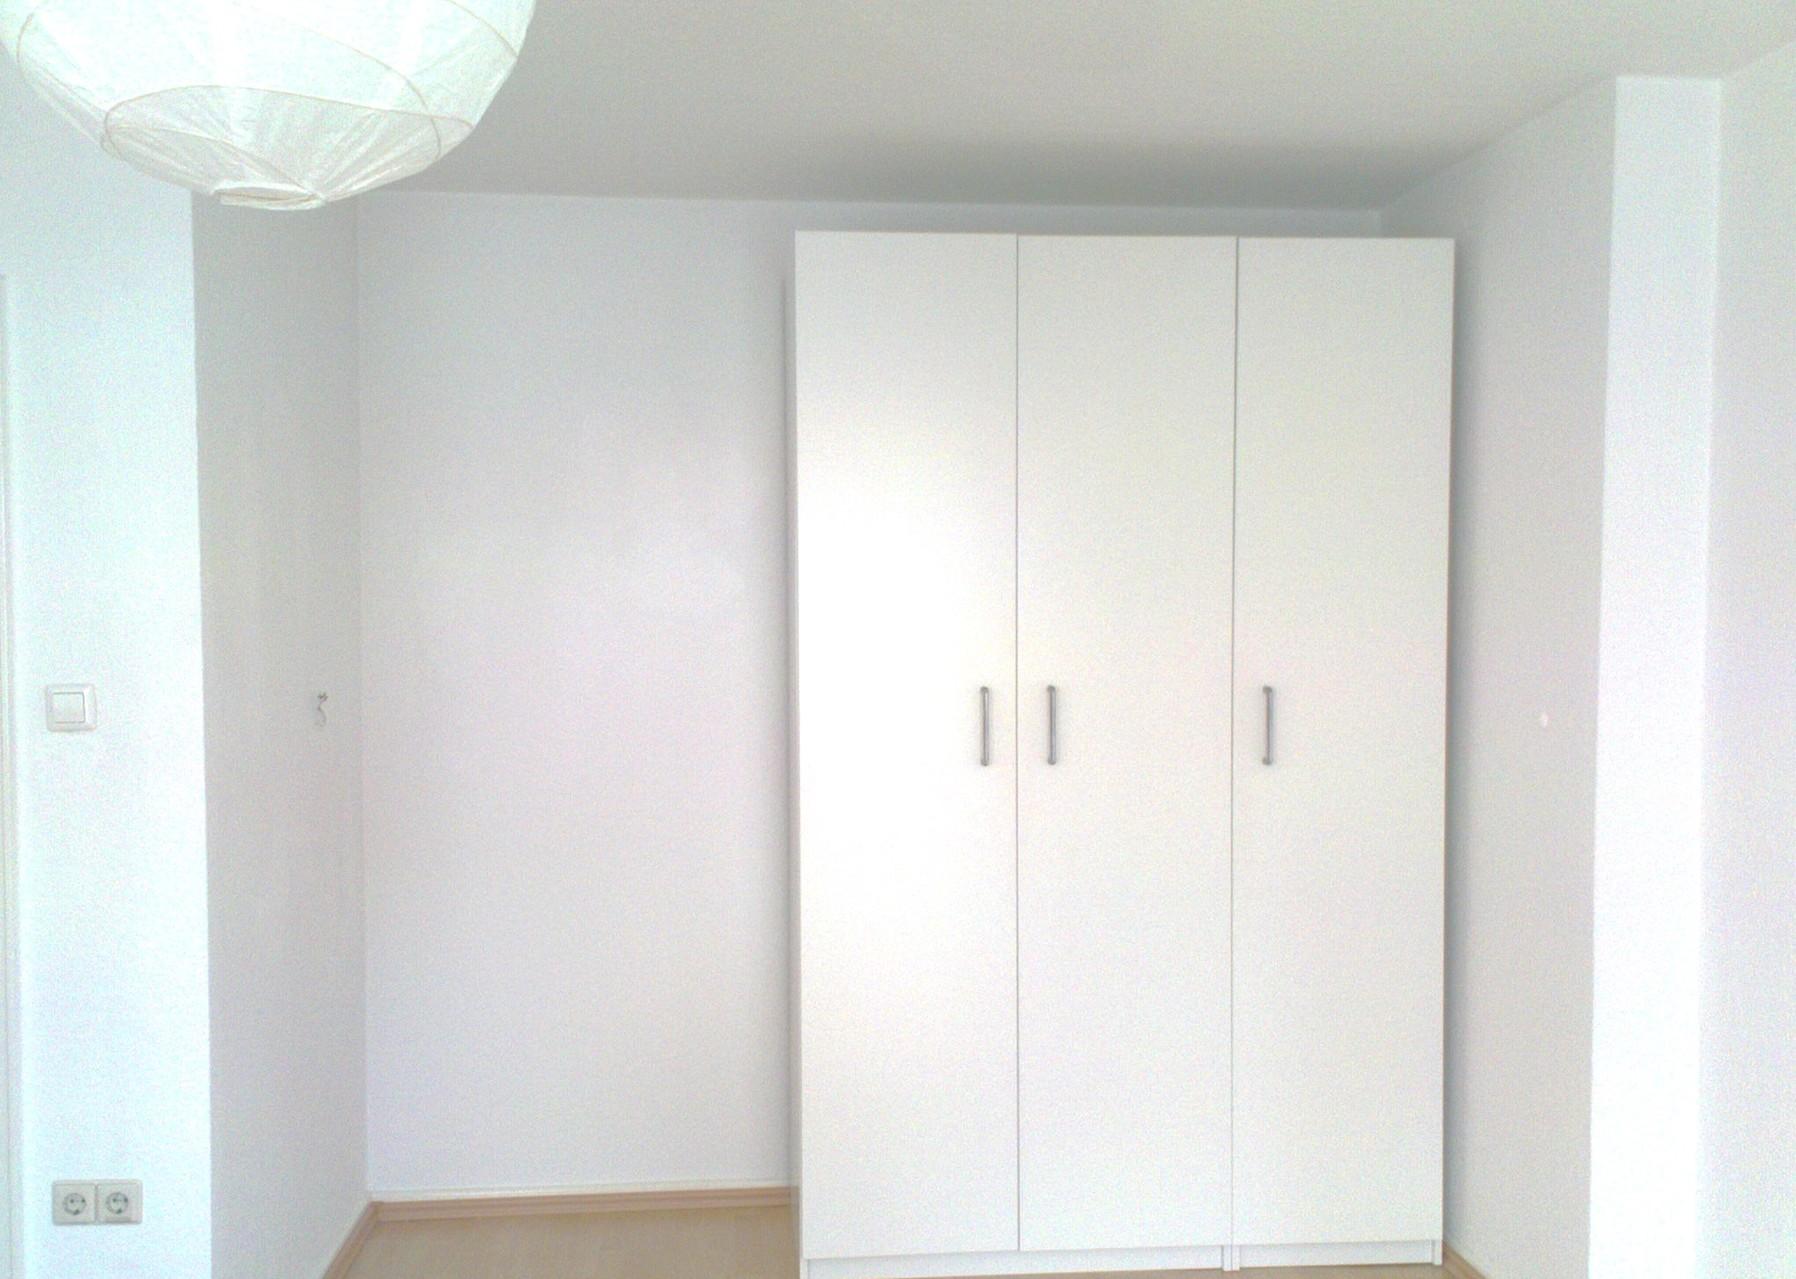 Laminatverlegung und schön gestrichene Wände im Rahmen einer Wohnungsrenovierung